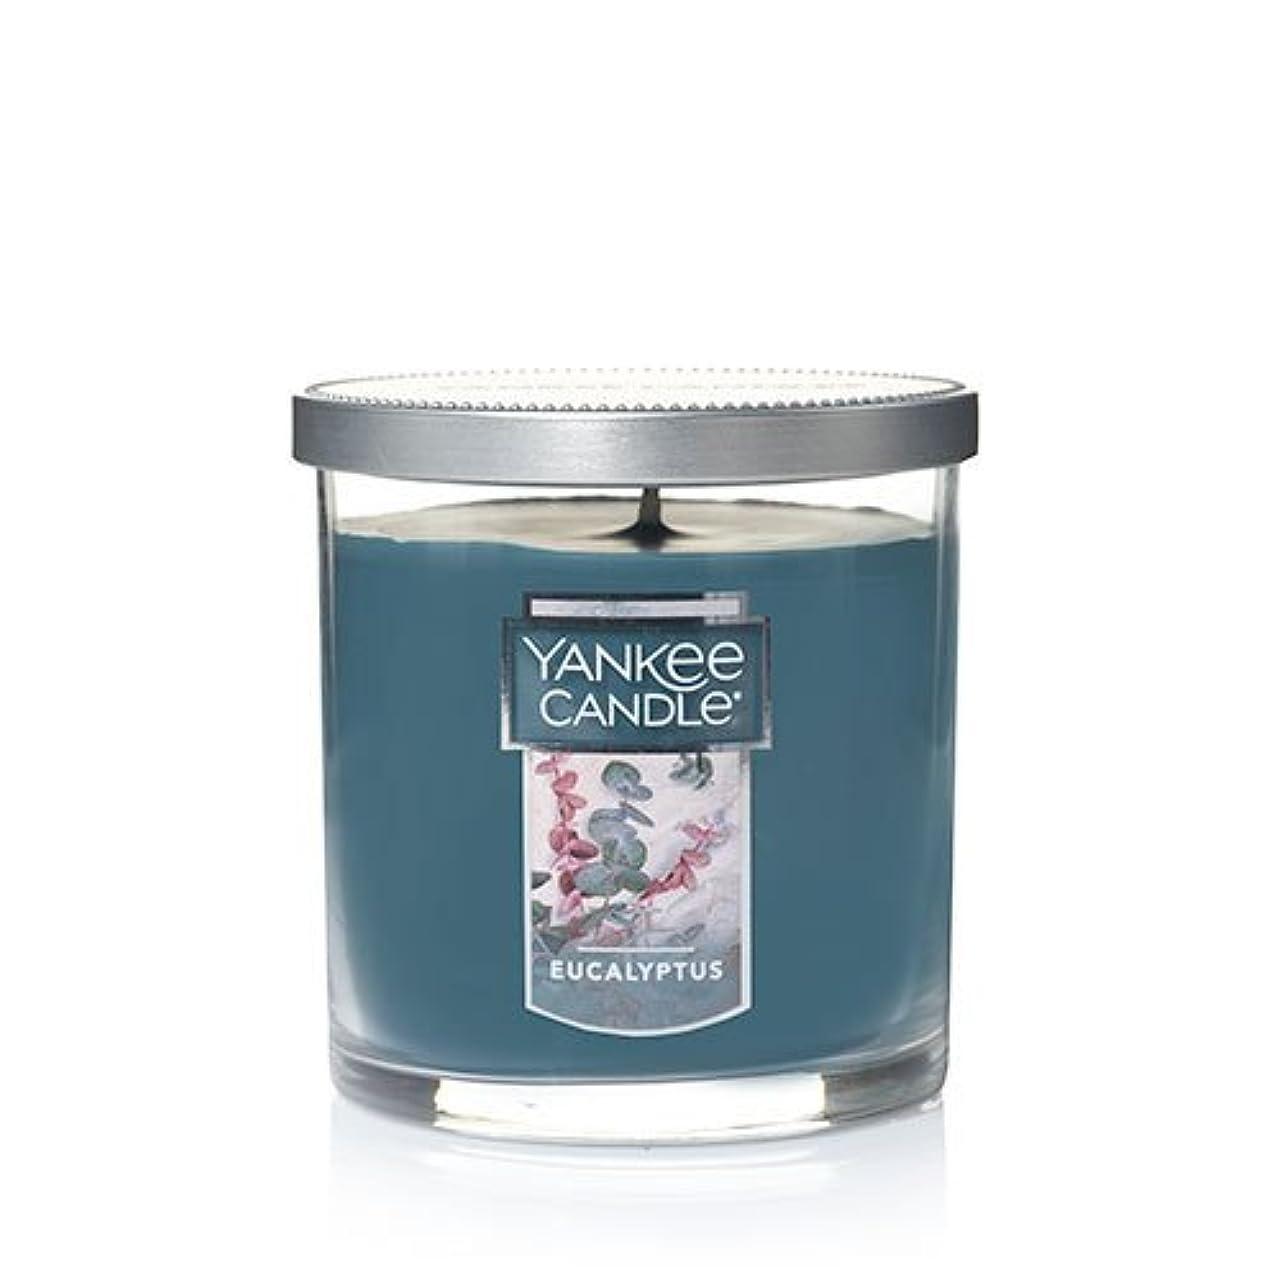 発動機にじみ出る暖炉Yankee Candleユーカリ、新鮮な香り Small Single Wick Tumbler Candle グリーン 1185969Z